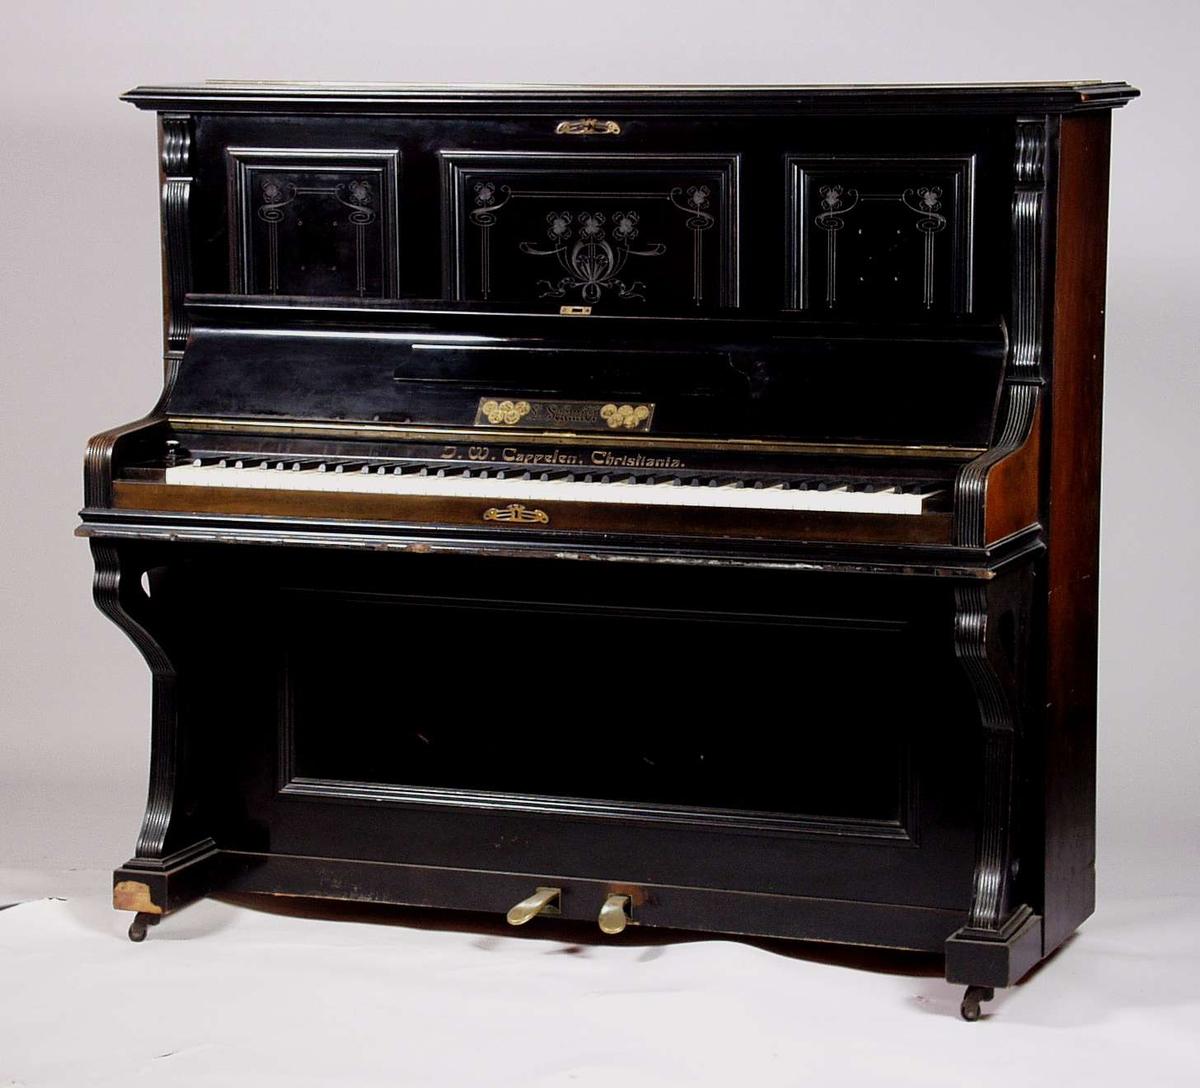 Et svart piano i bjørk og er finért. Det har fyllinger med utskårede blomster og ornament dekor. Langs sidene har pianoet pyntelister som er rillet. Benene er svunge med rillet pyntelister. Pianoet har merker etter kandelaber. Omfang: AAA-a4